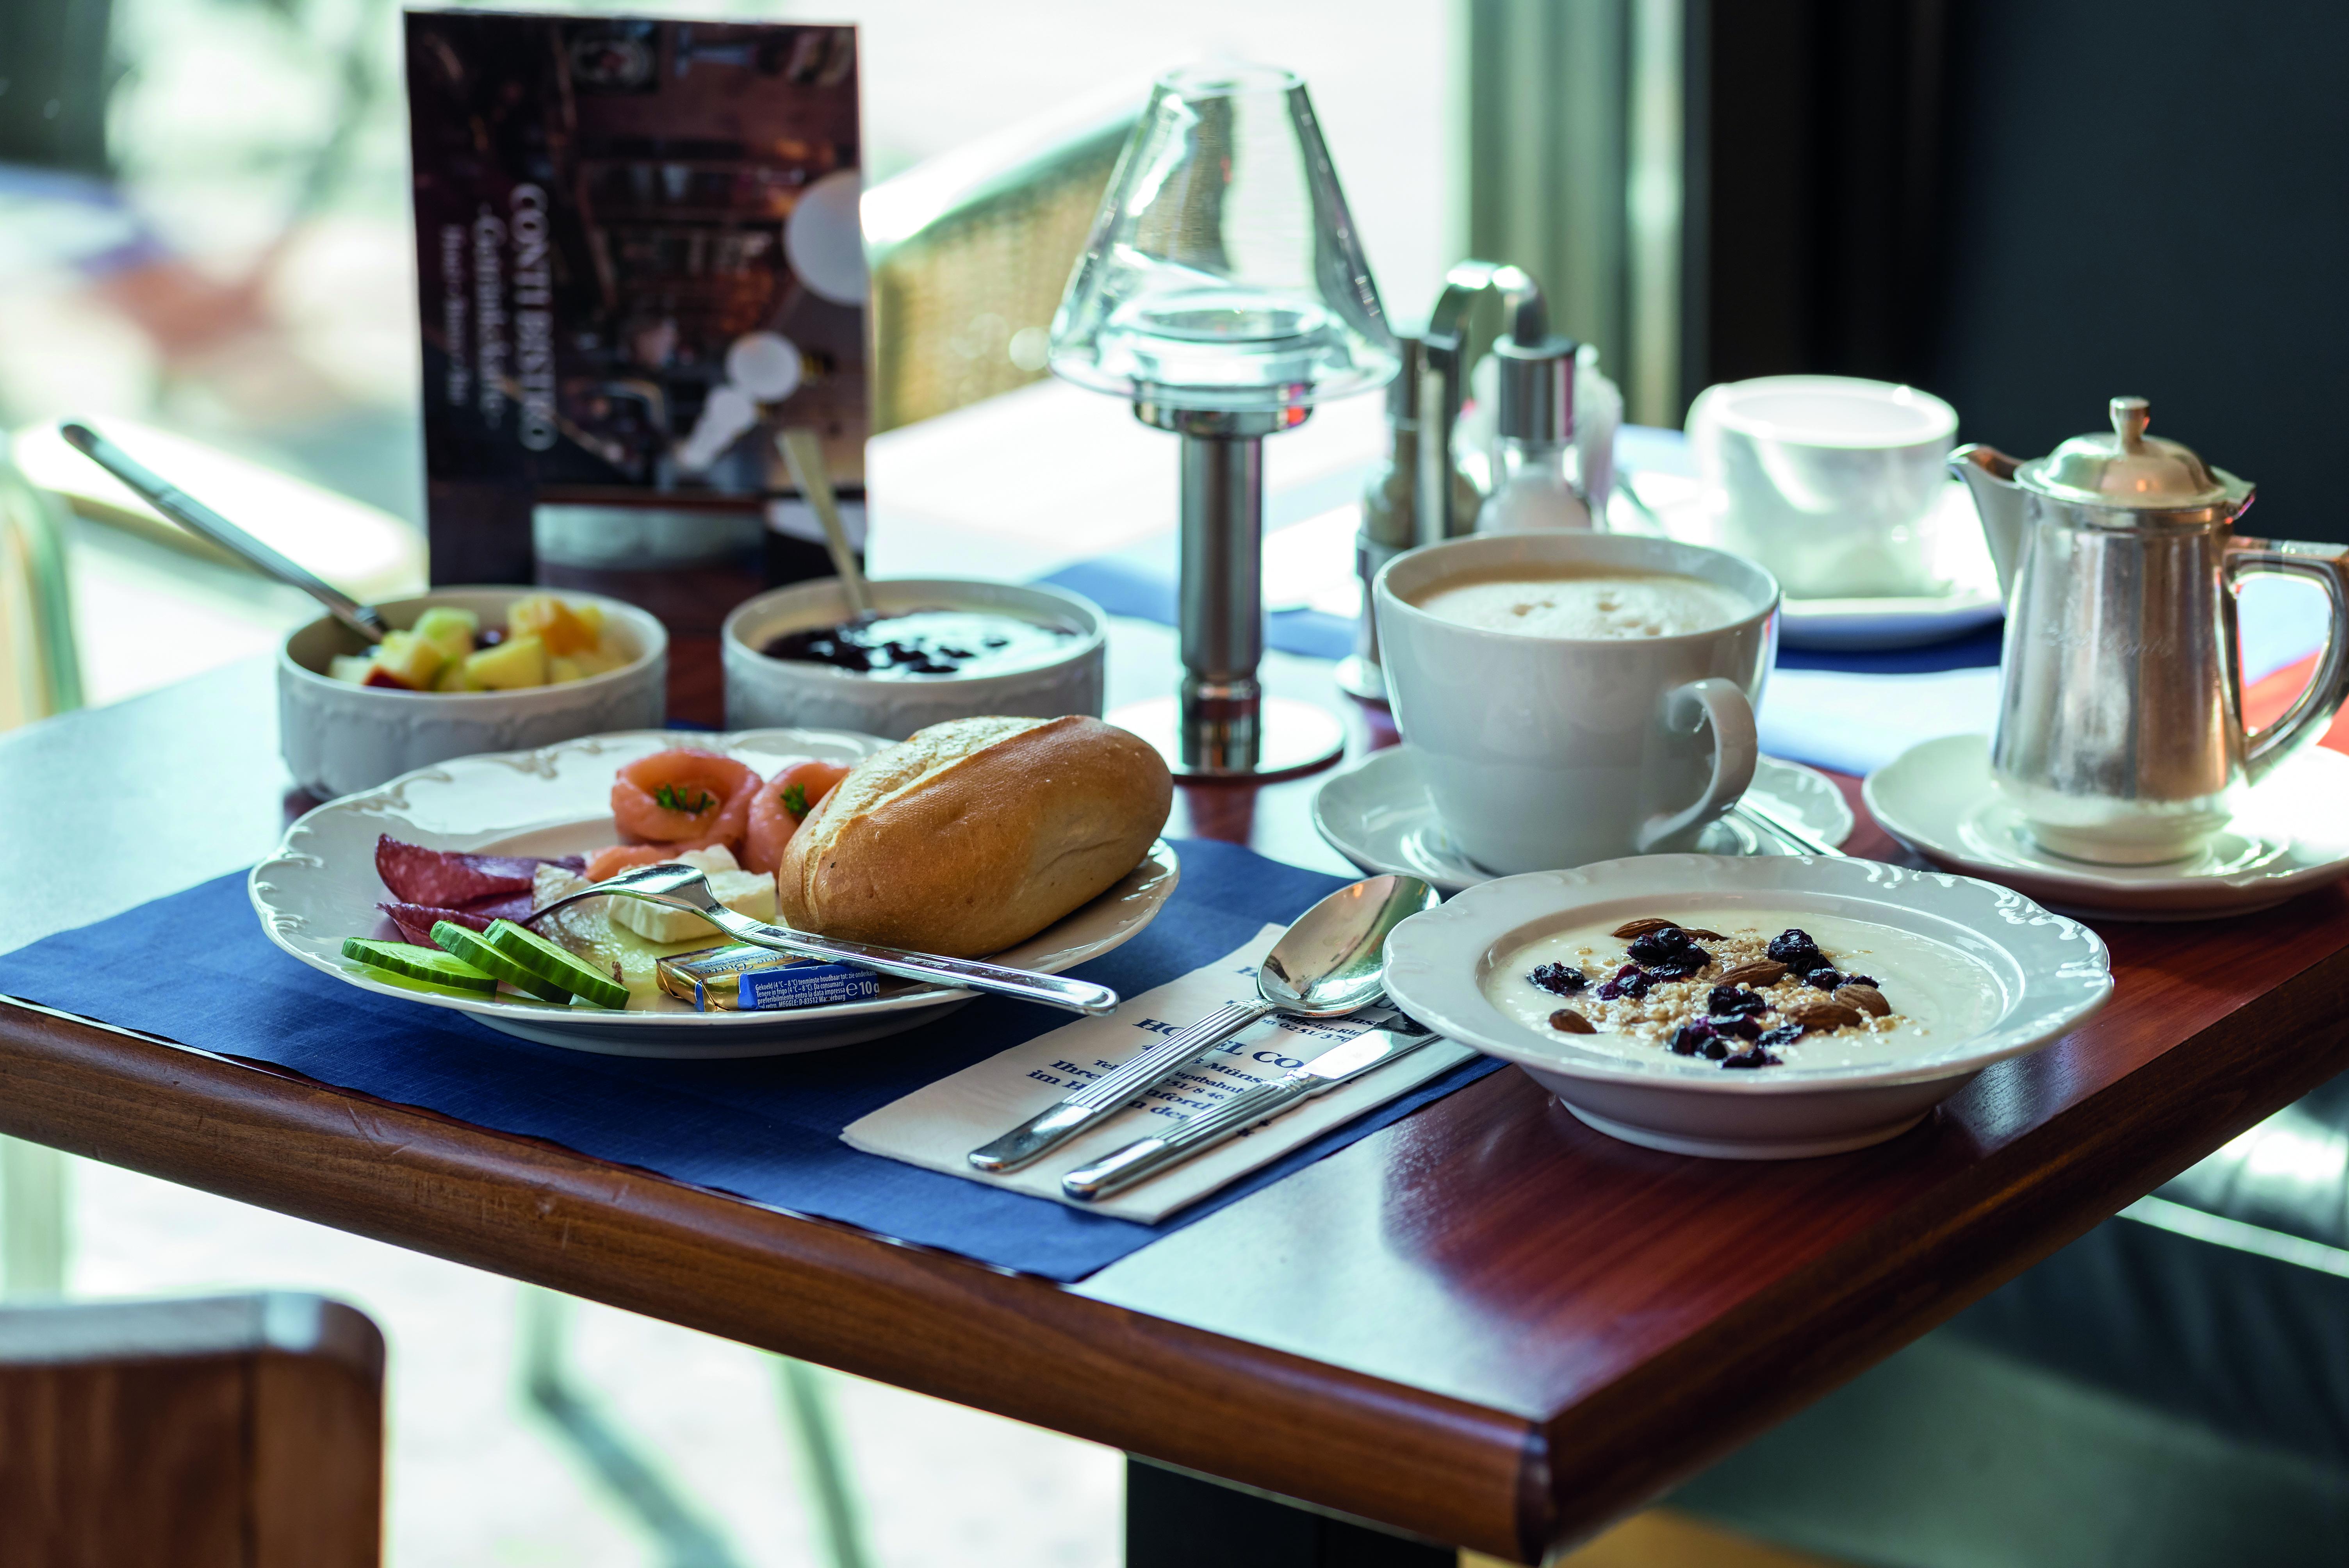 Gastronomie - Hotel Conti Muenster